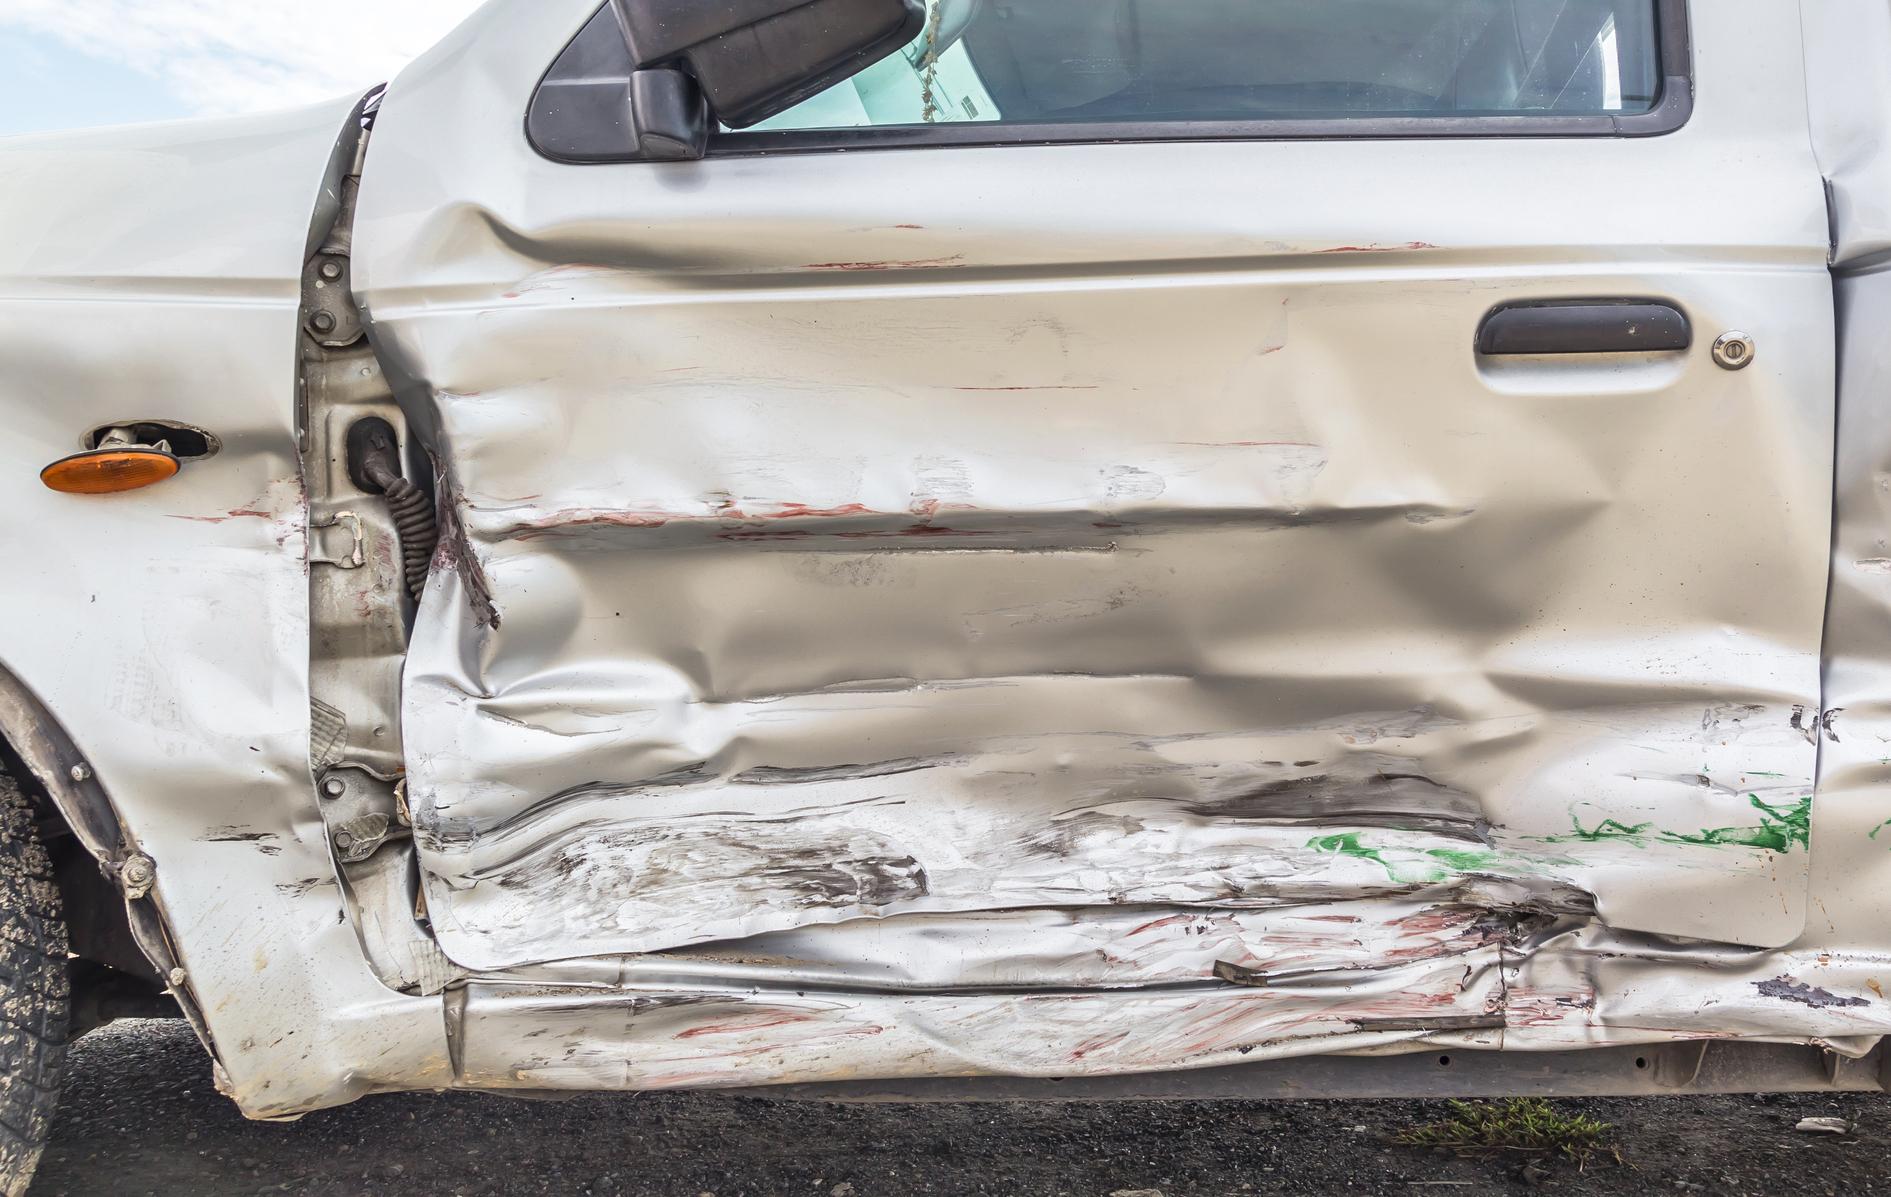 A dented car door.